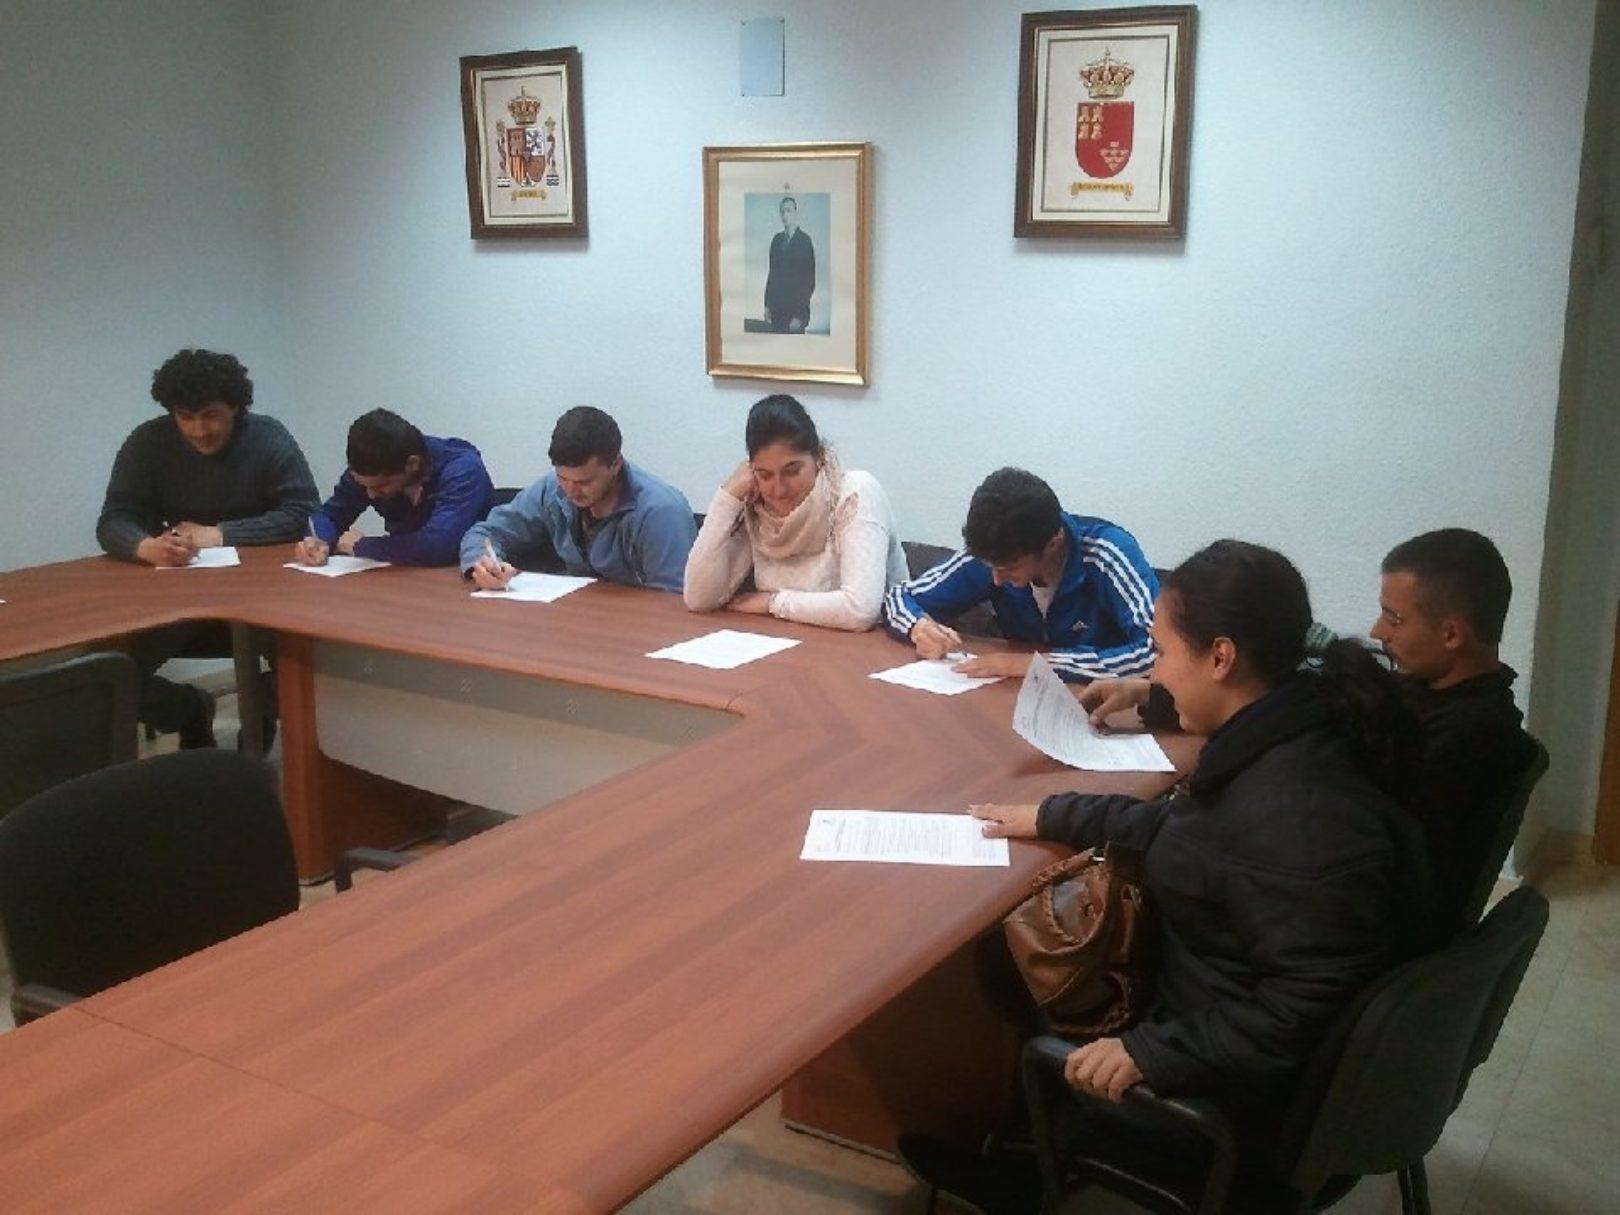 noticias8_2014-02-27-Inscripcion-alumnos-1